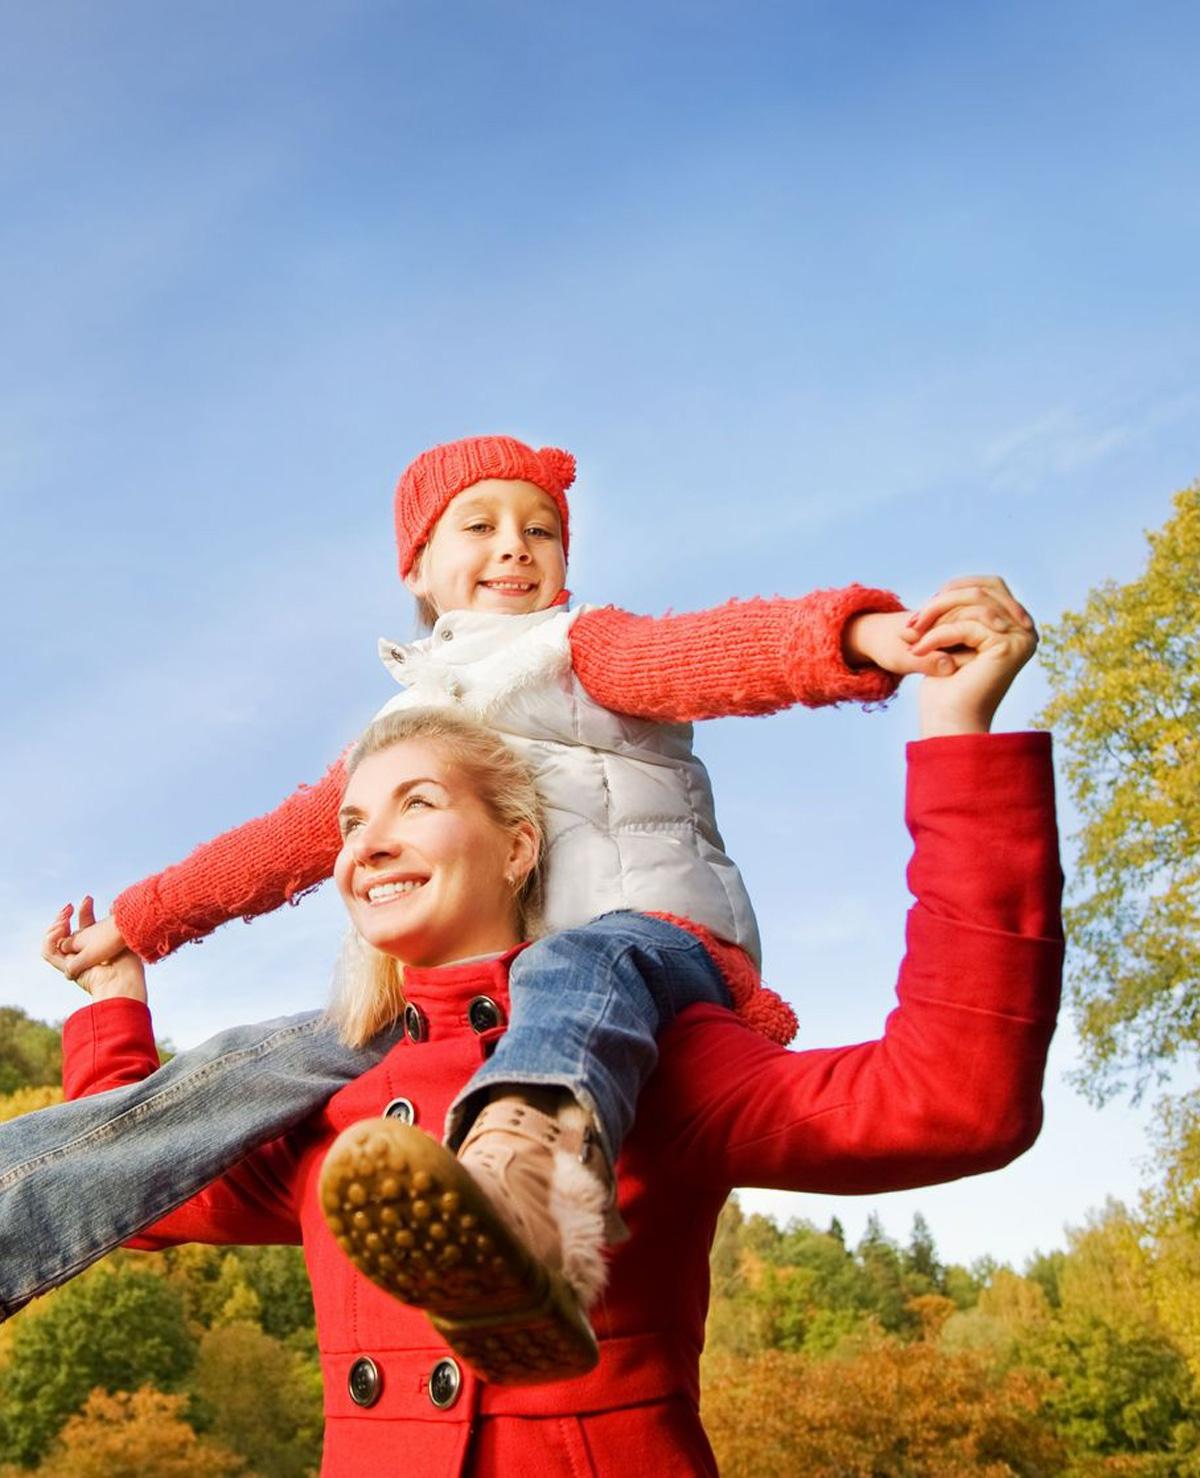 Denise blogt: Meer dan 30 leuke dingen om te doen in de herfstvakantie